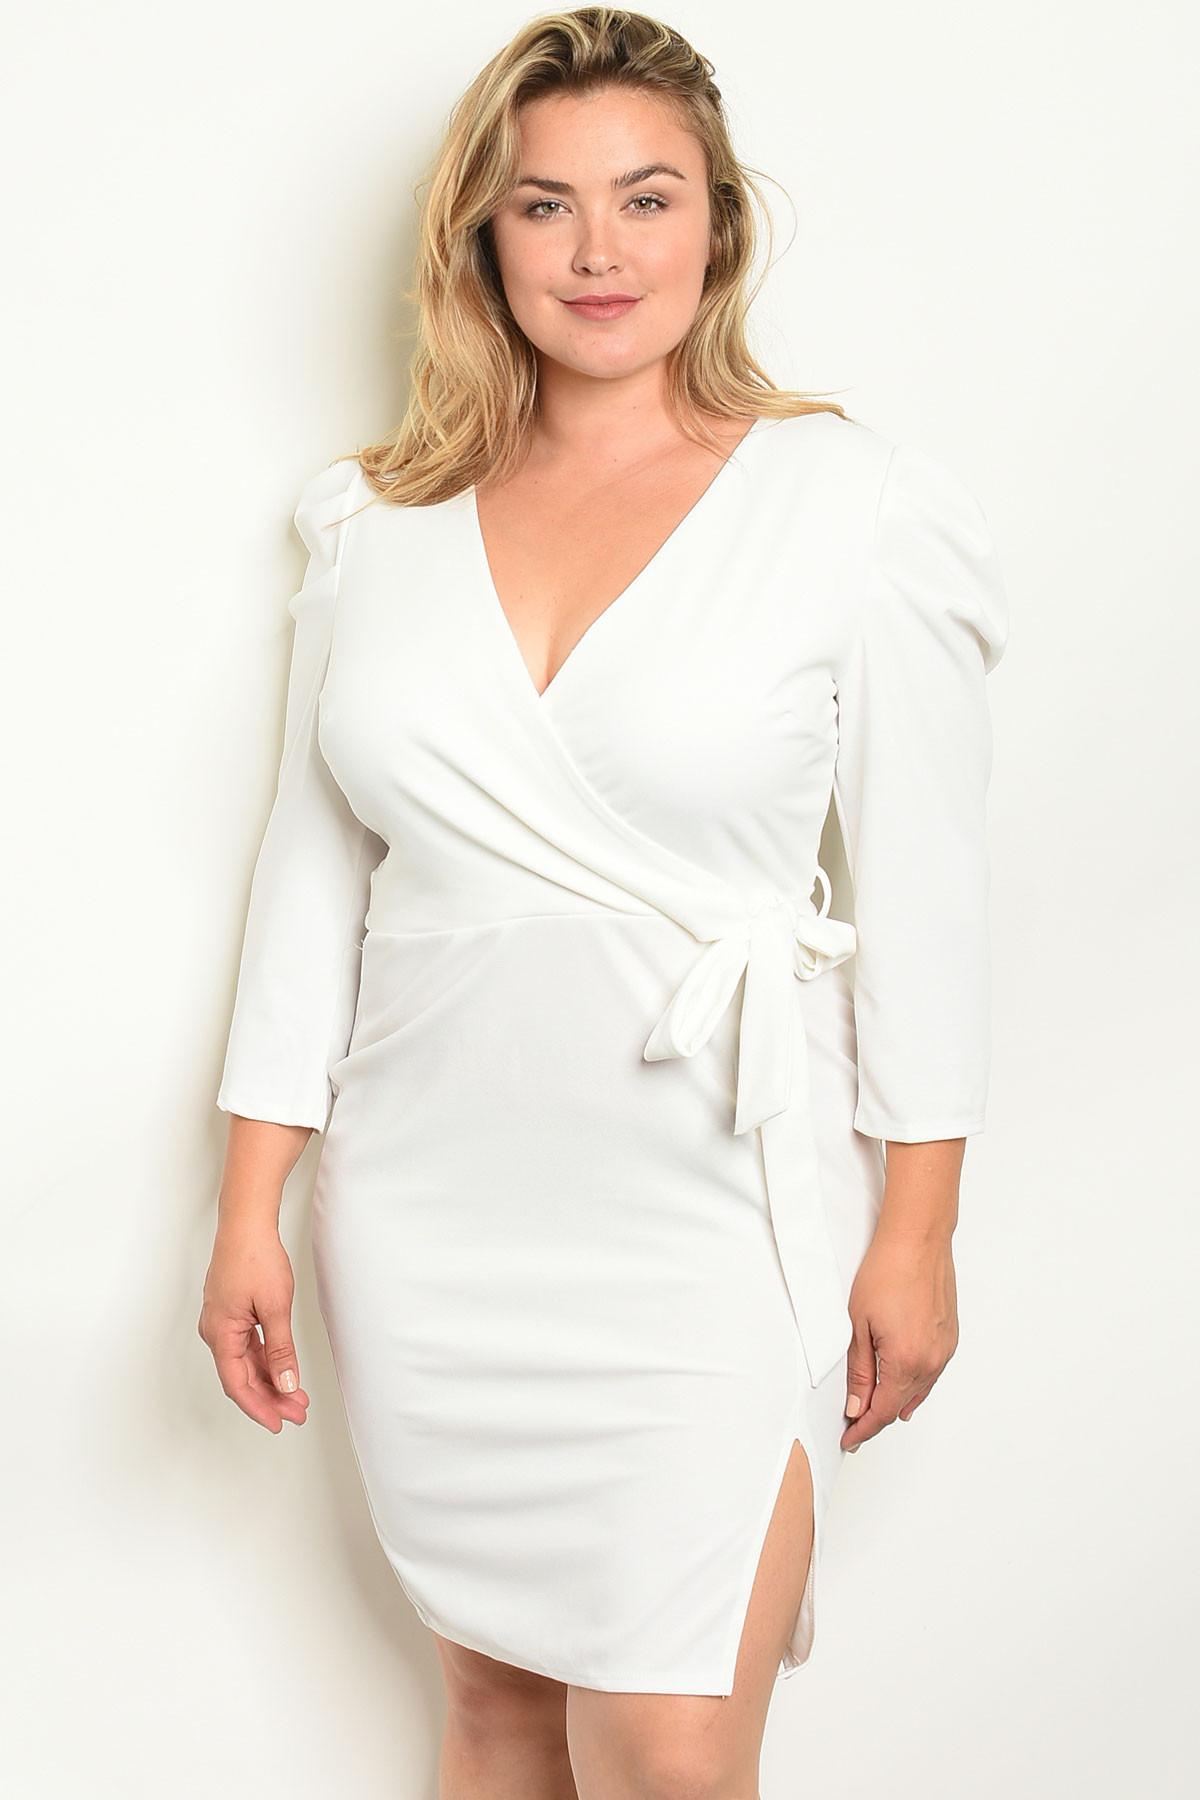 S13-4-3-D203X OFF WHITE PLUS SIZE DRESS 2-2-2